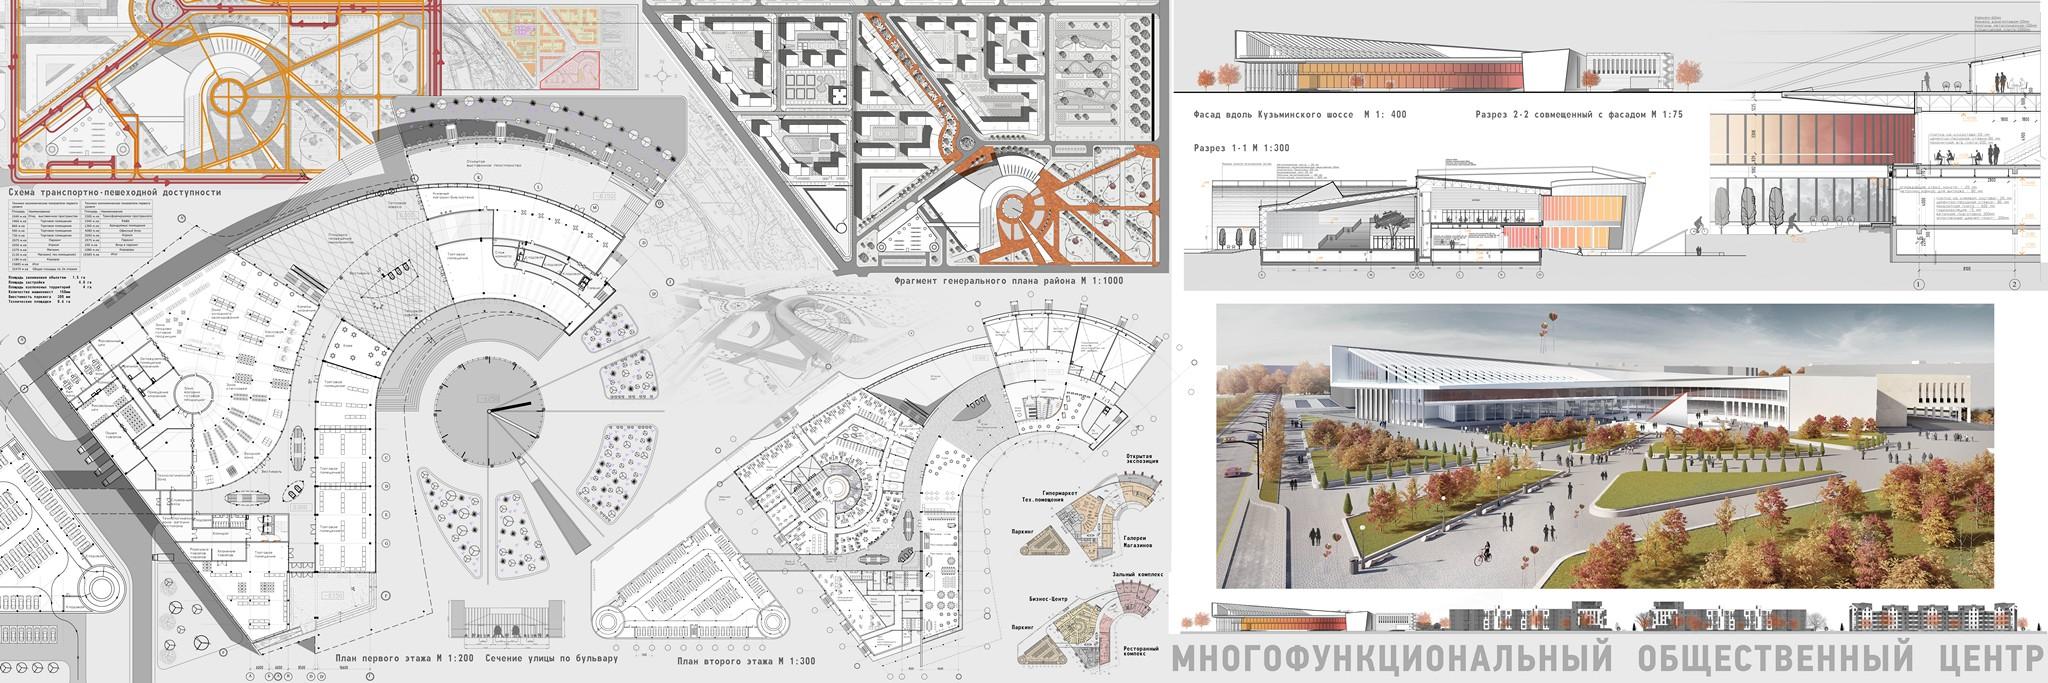 задания на проект общественного здания ФИЗКУЛЬТУРНО ОЗДОРОВИТЕЛЬНЫЙ